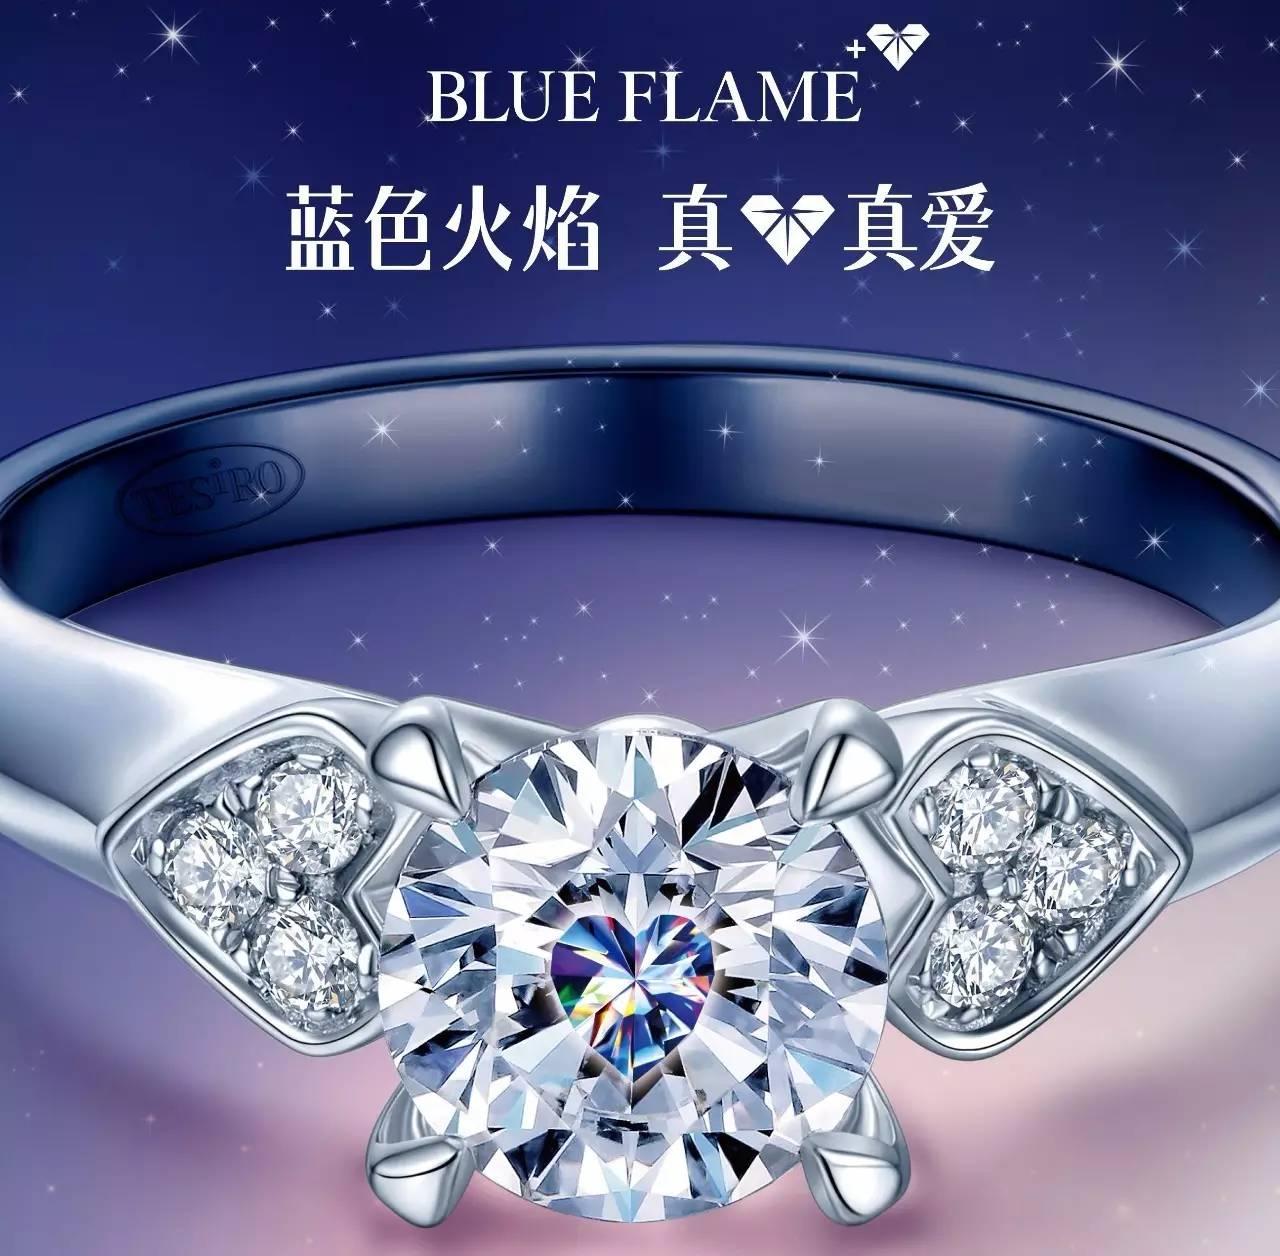 """通灵珠宝""""蓝色火焰 真心真爱""""子品牌系列"""